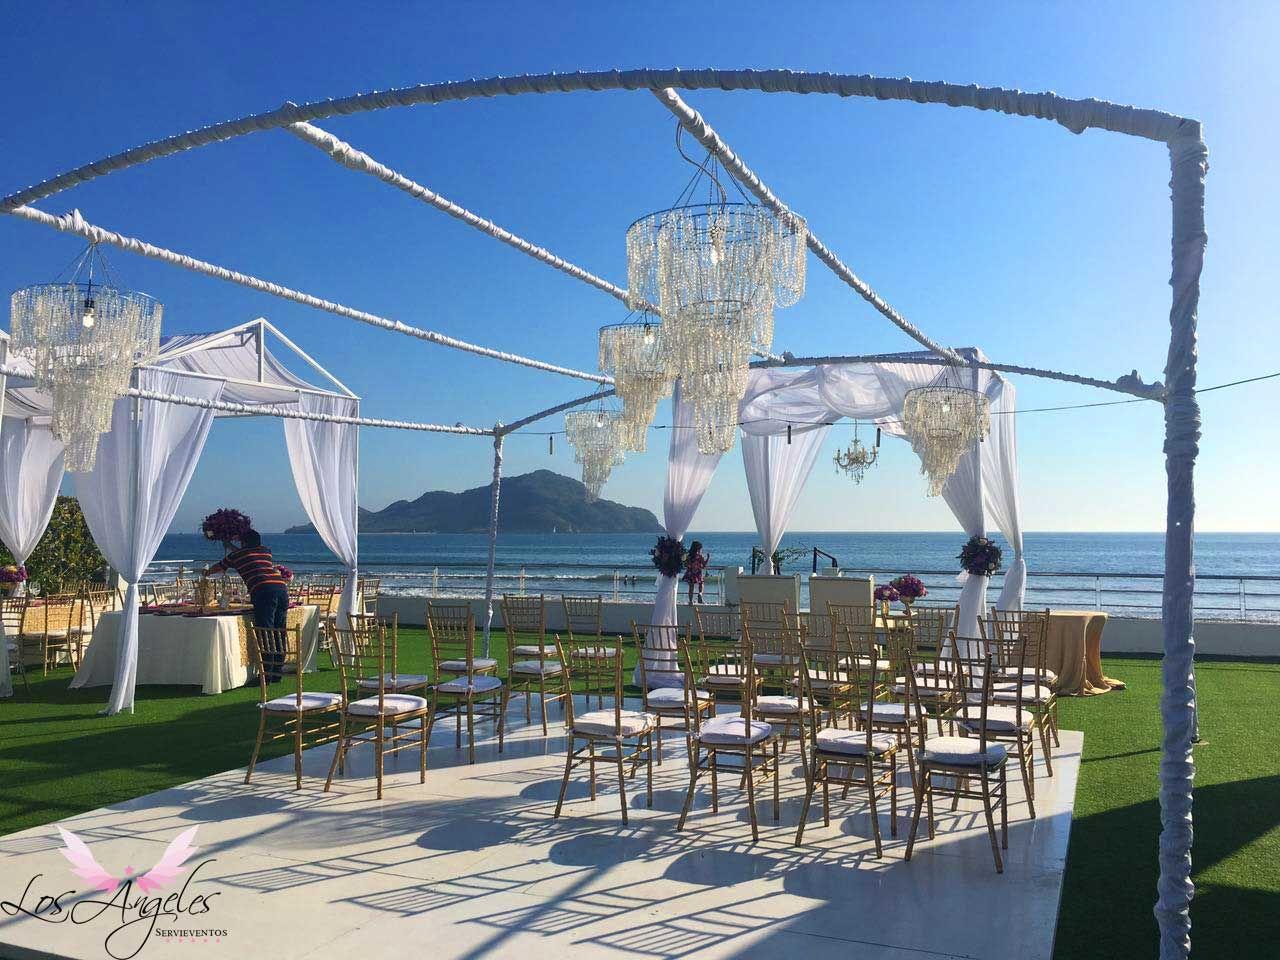 Esta pista de baile sirvió para ser el espacio de los invitados especiales para la boda civil